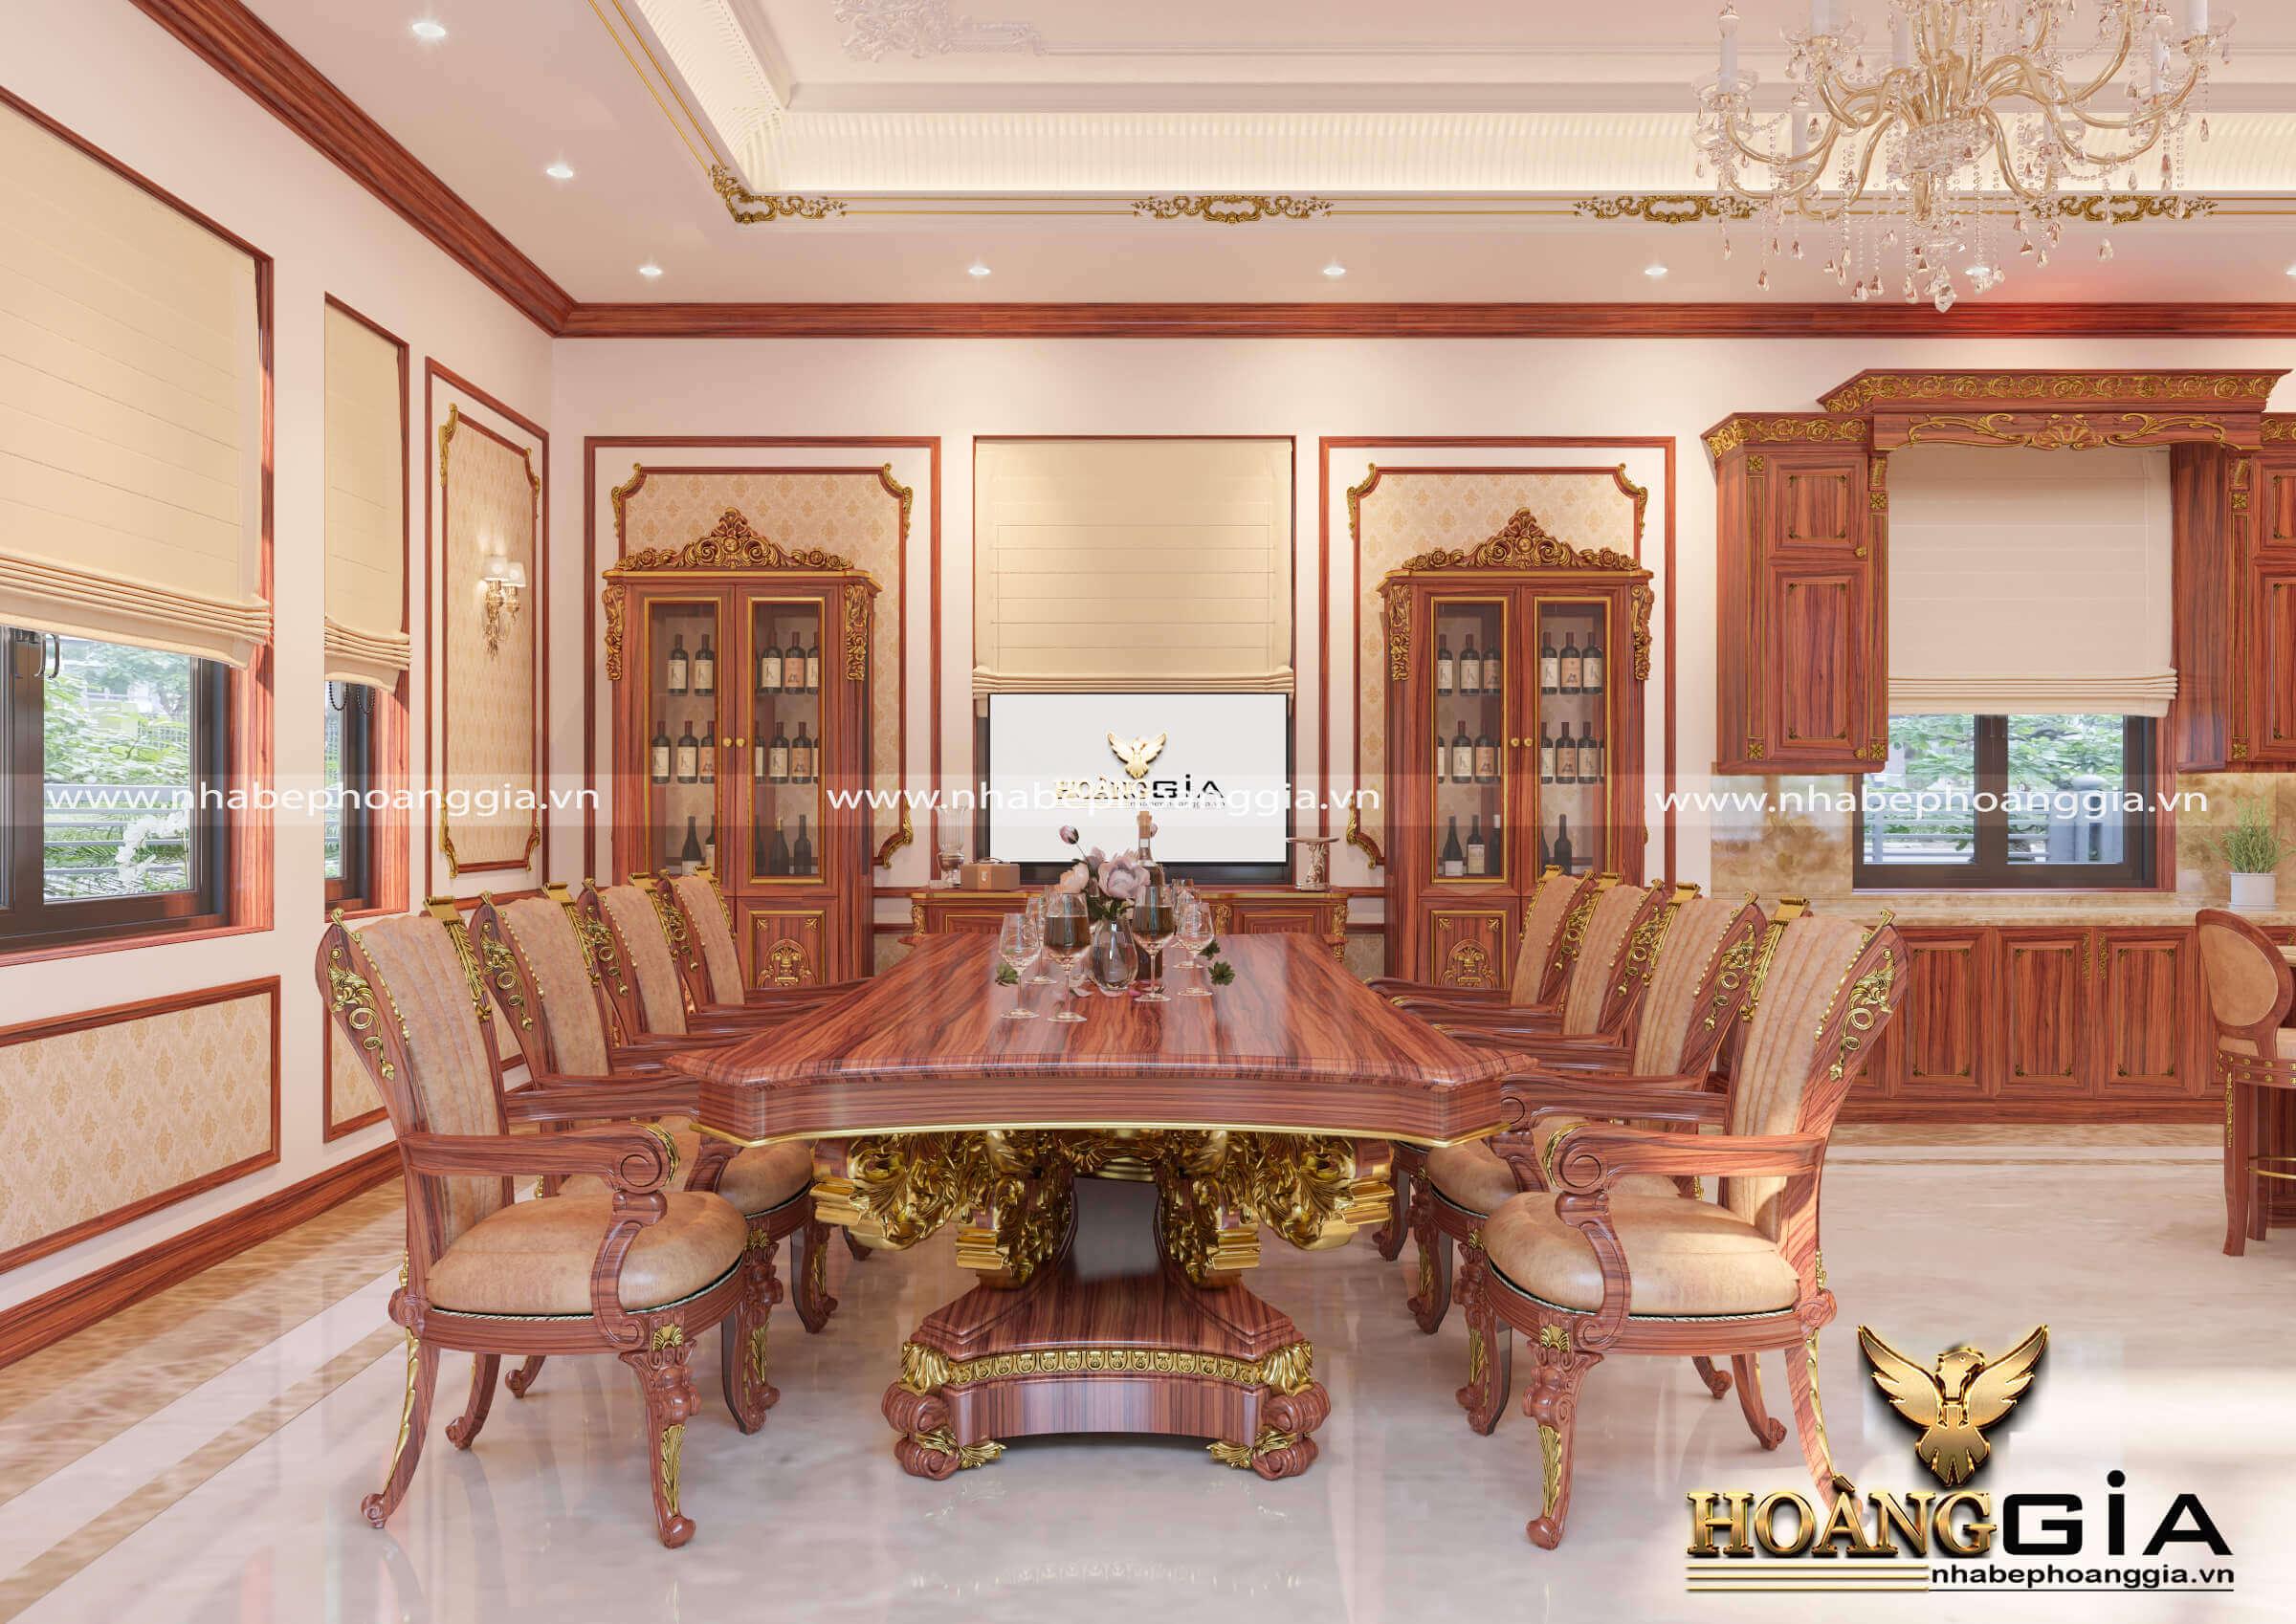 mẫu phòng ăn đẹp cho nhà biệt thự